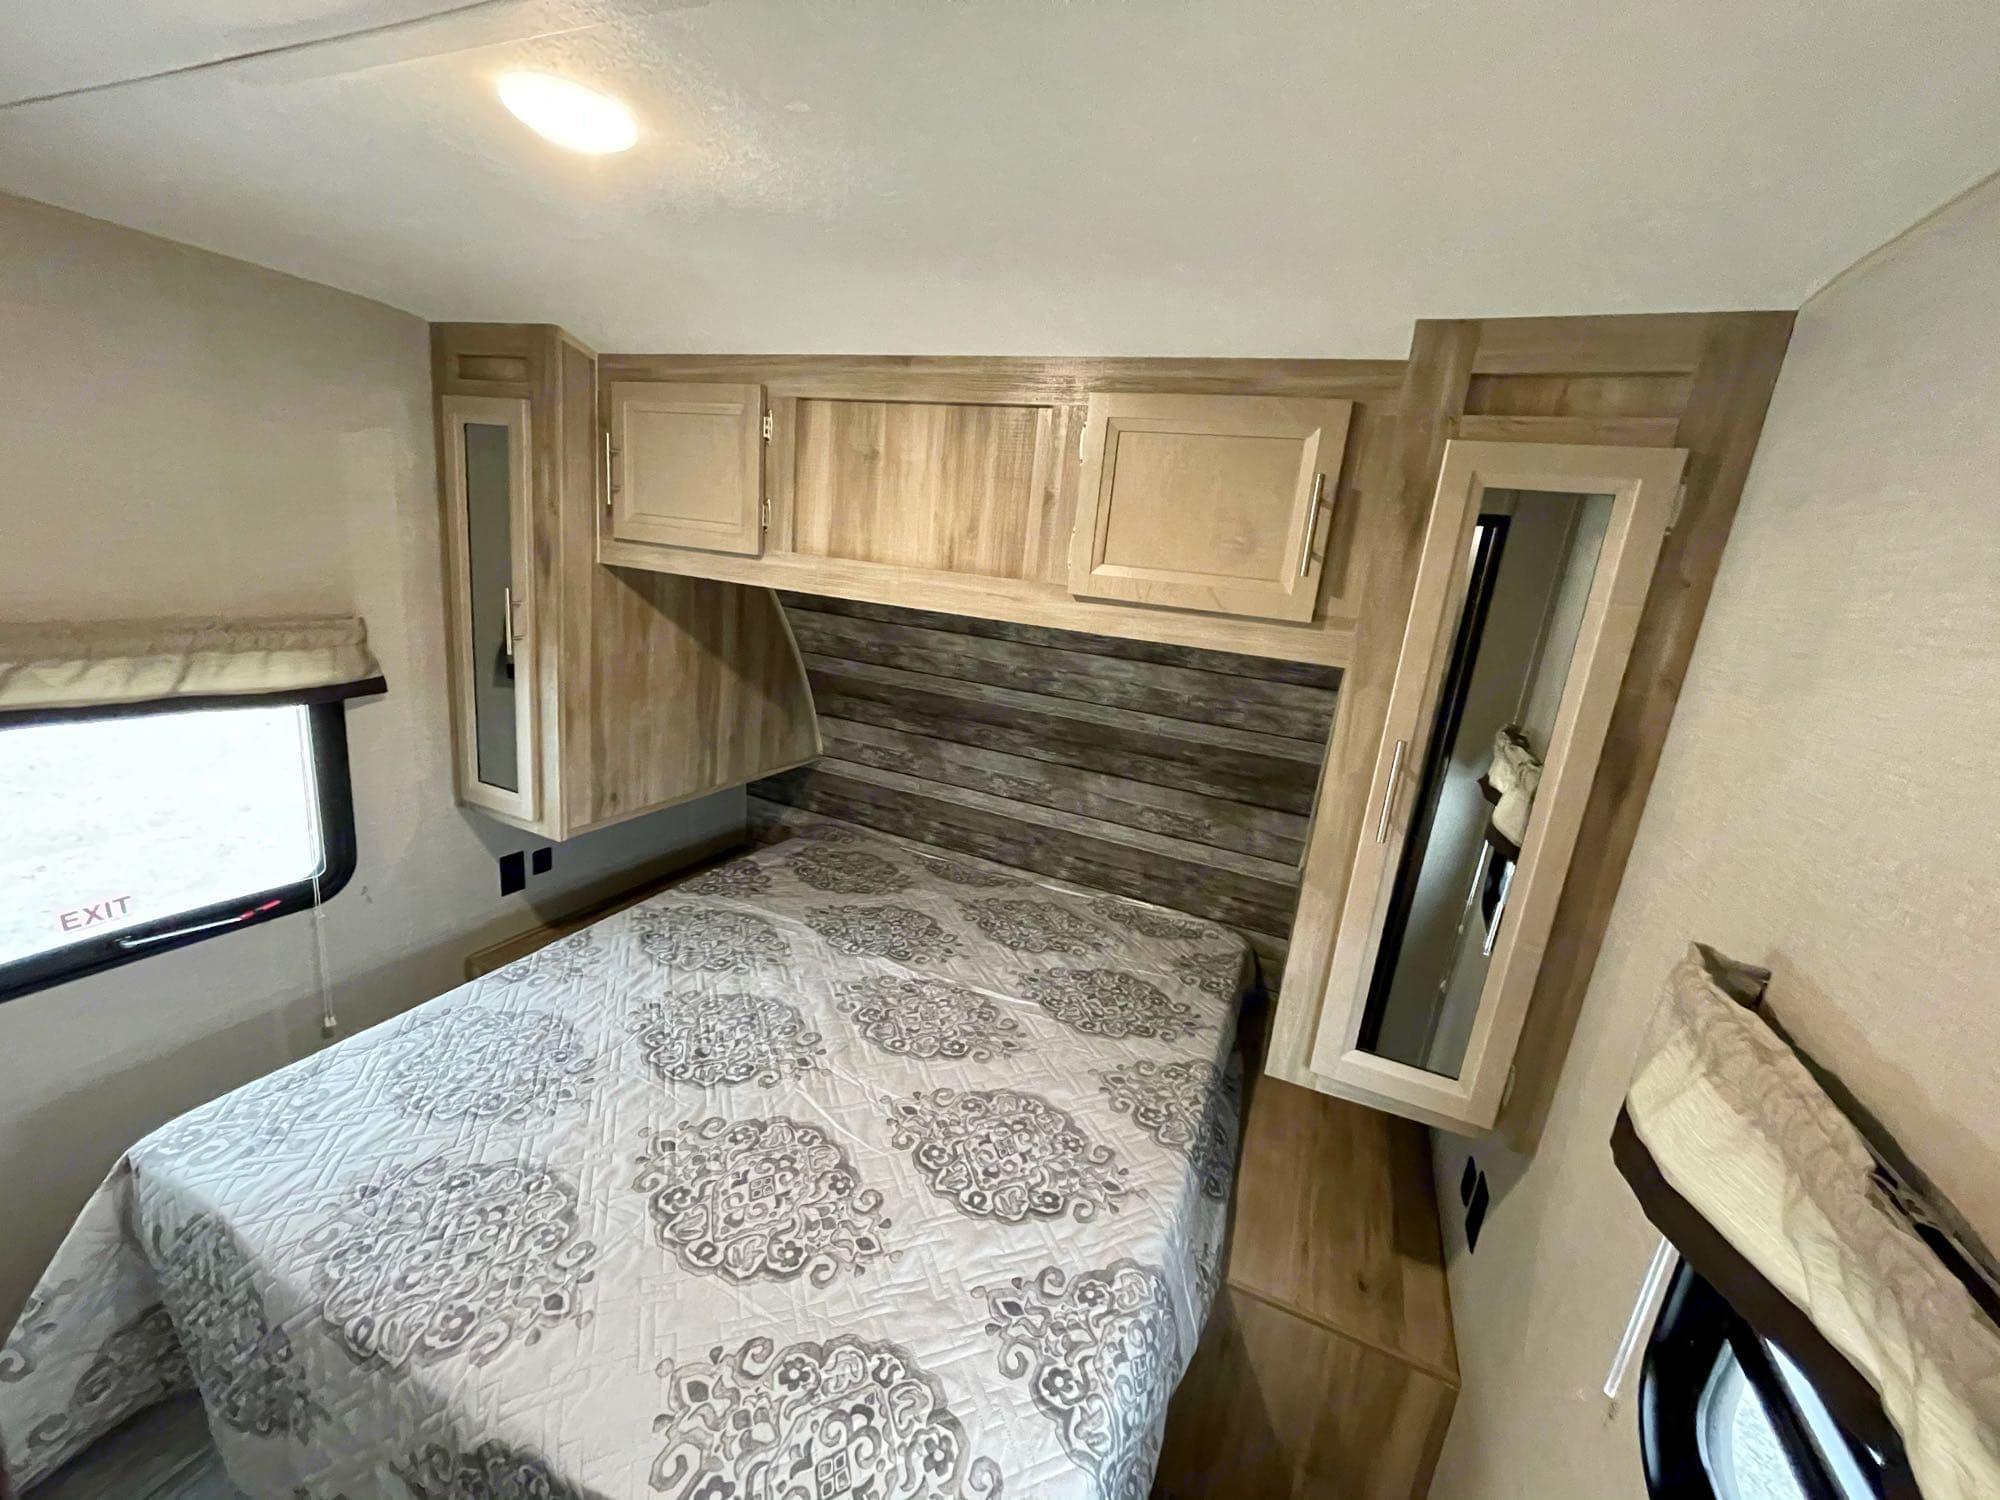 master bedroom. queen bed. Coachmen Catalina 293QBCK 2021